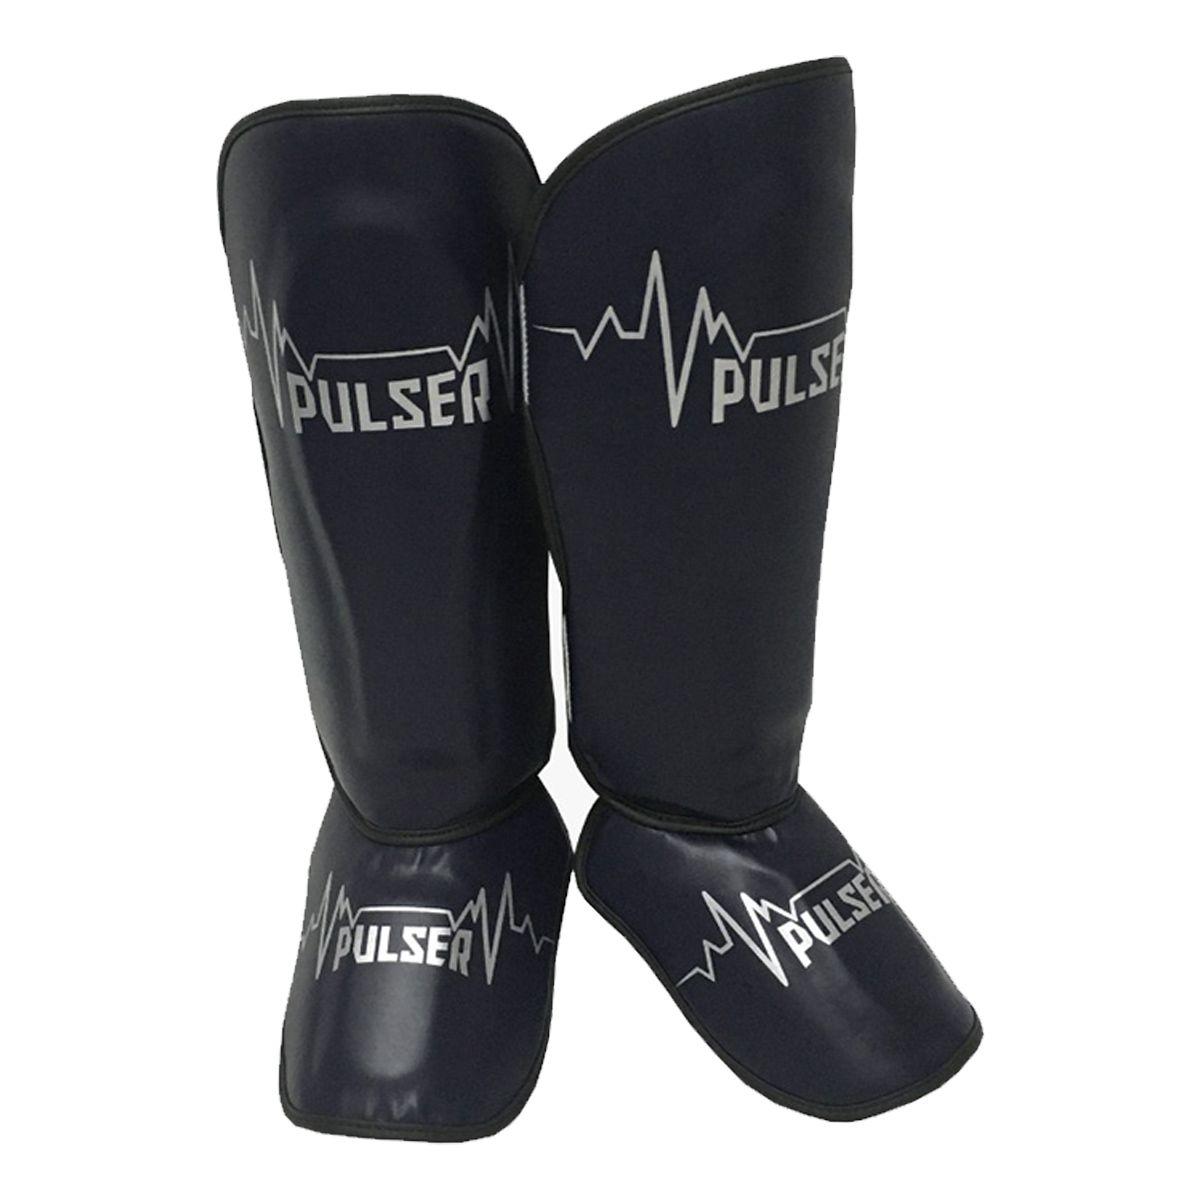 Caneleira Muay Thai MMA Pulsar Azul Escuro Média 30mm - Pulser  - PRALUTA SHOP